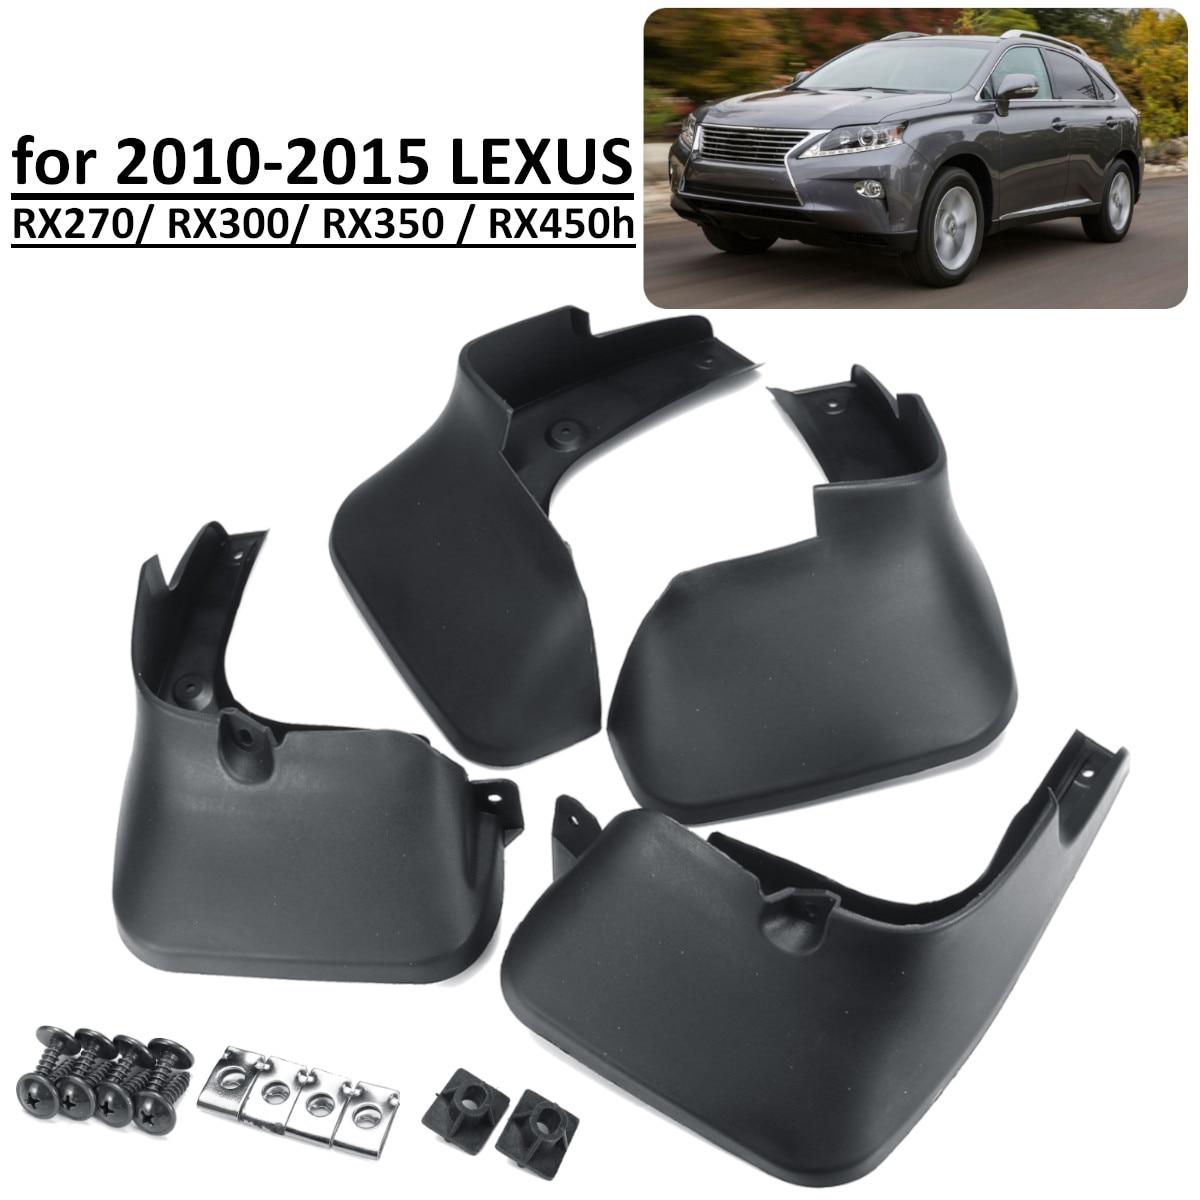 Auto Spatlappen Voor LEXUS RX RX270 RX300 RX350 RX450H 2010-2015 Splash Guards Spatlappen Spatborden Accessoires